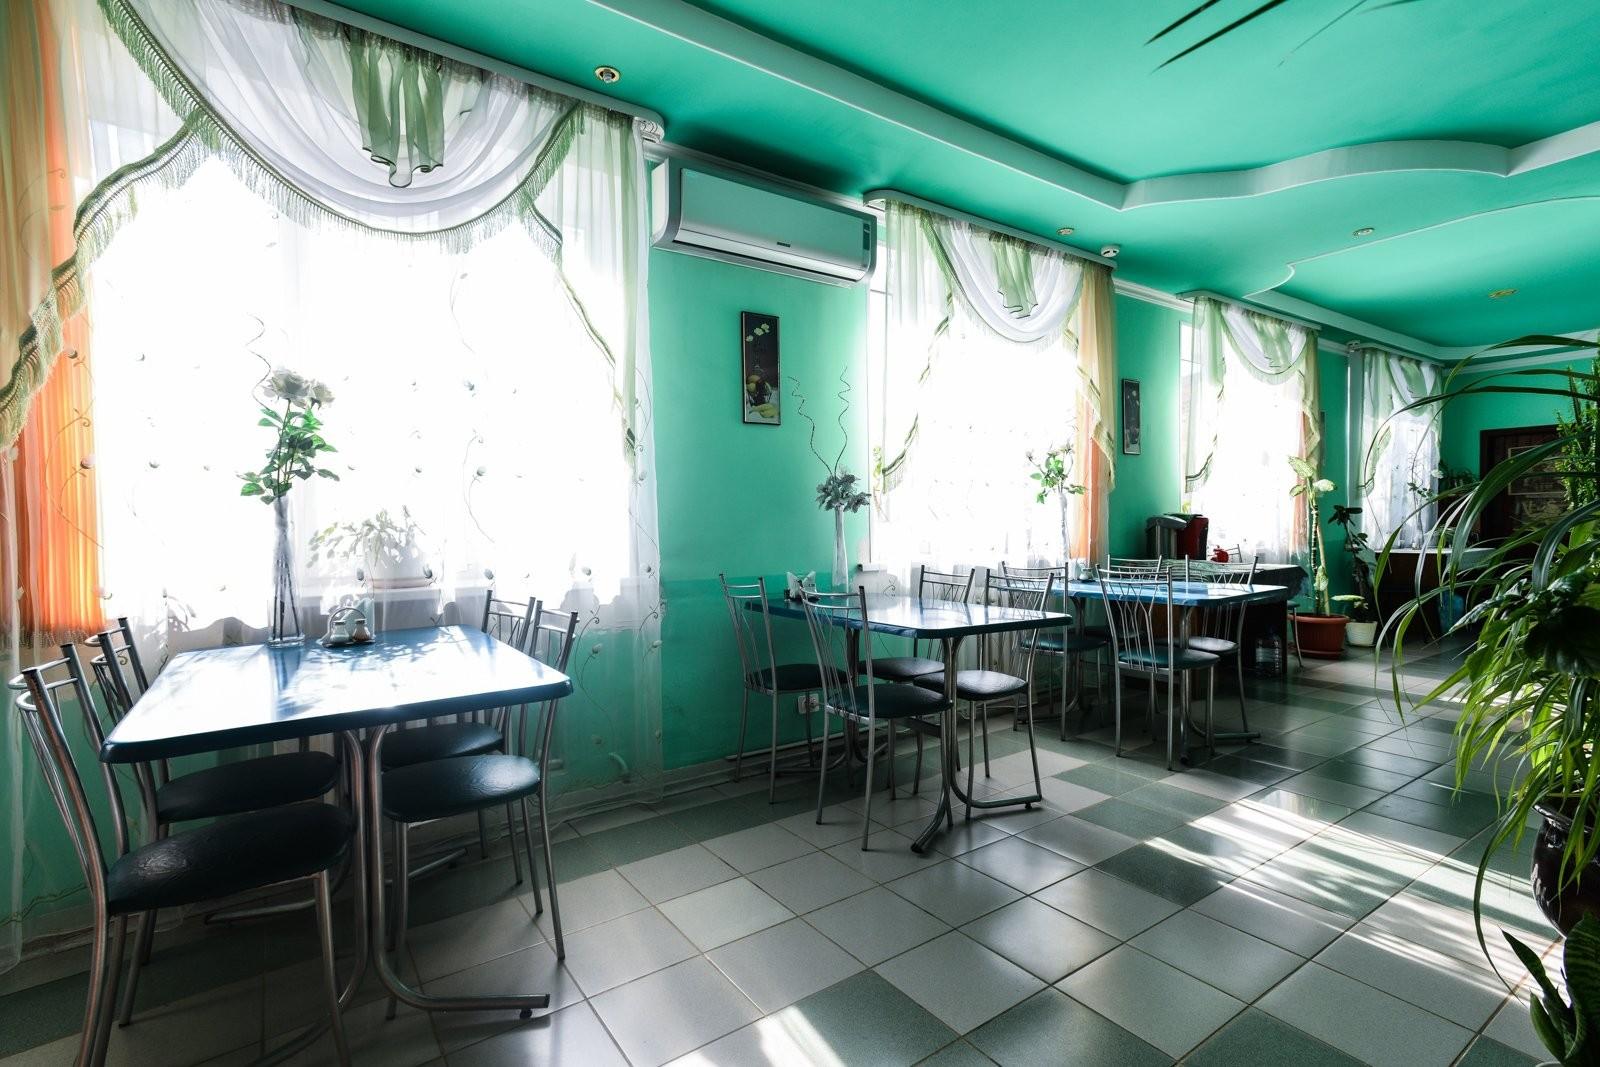 Сулак, гостиничный комплекс - №1